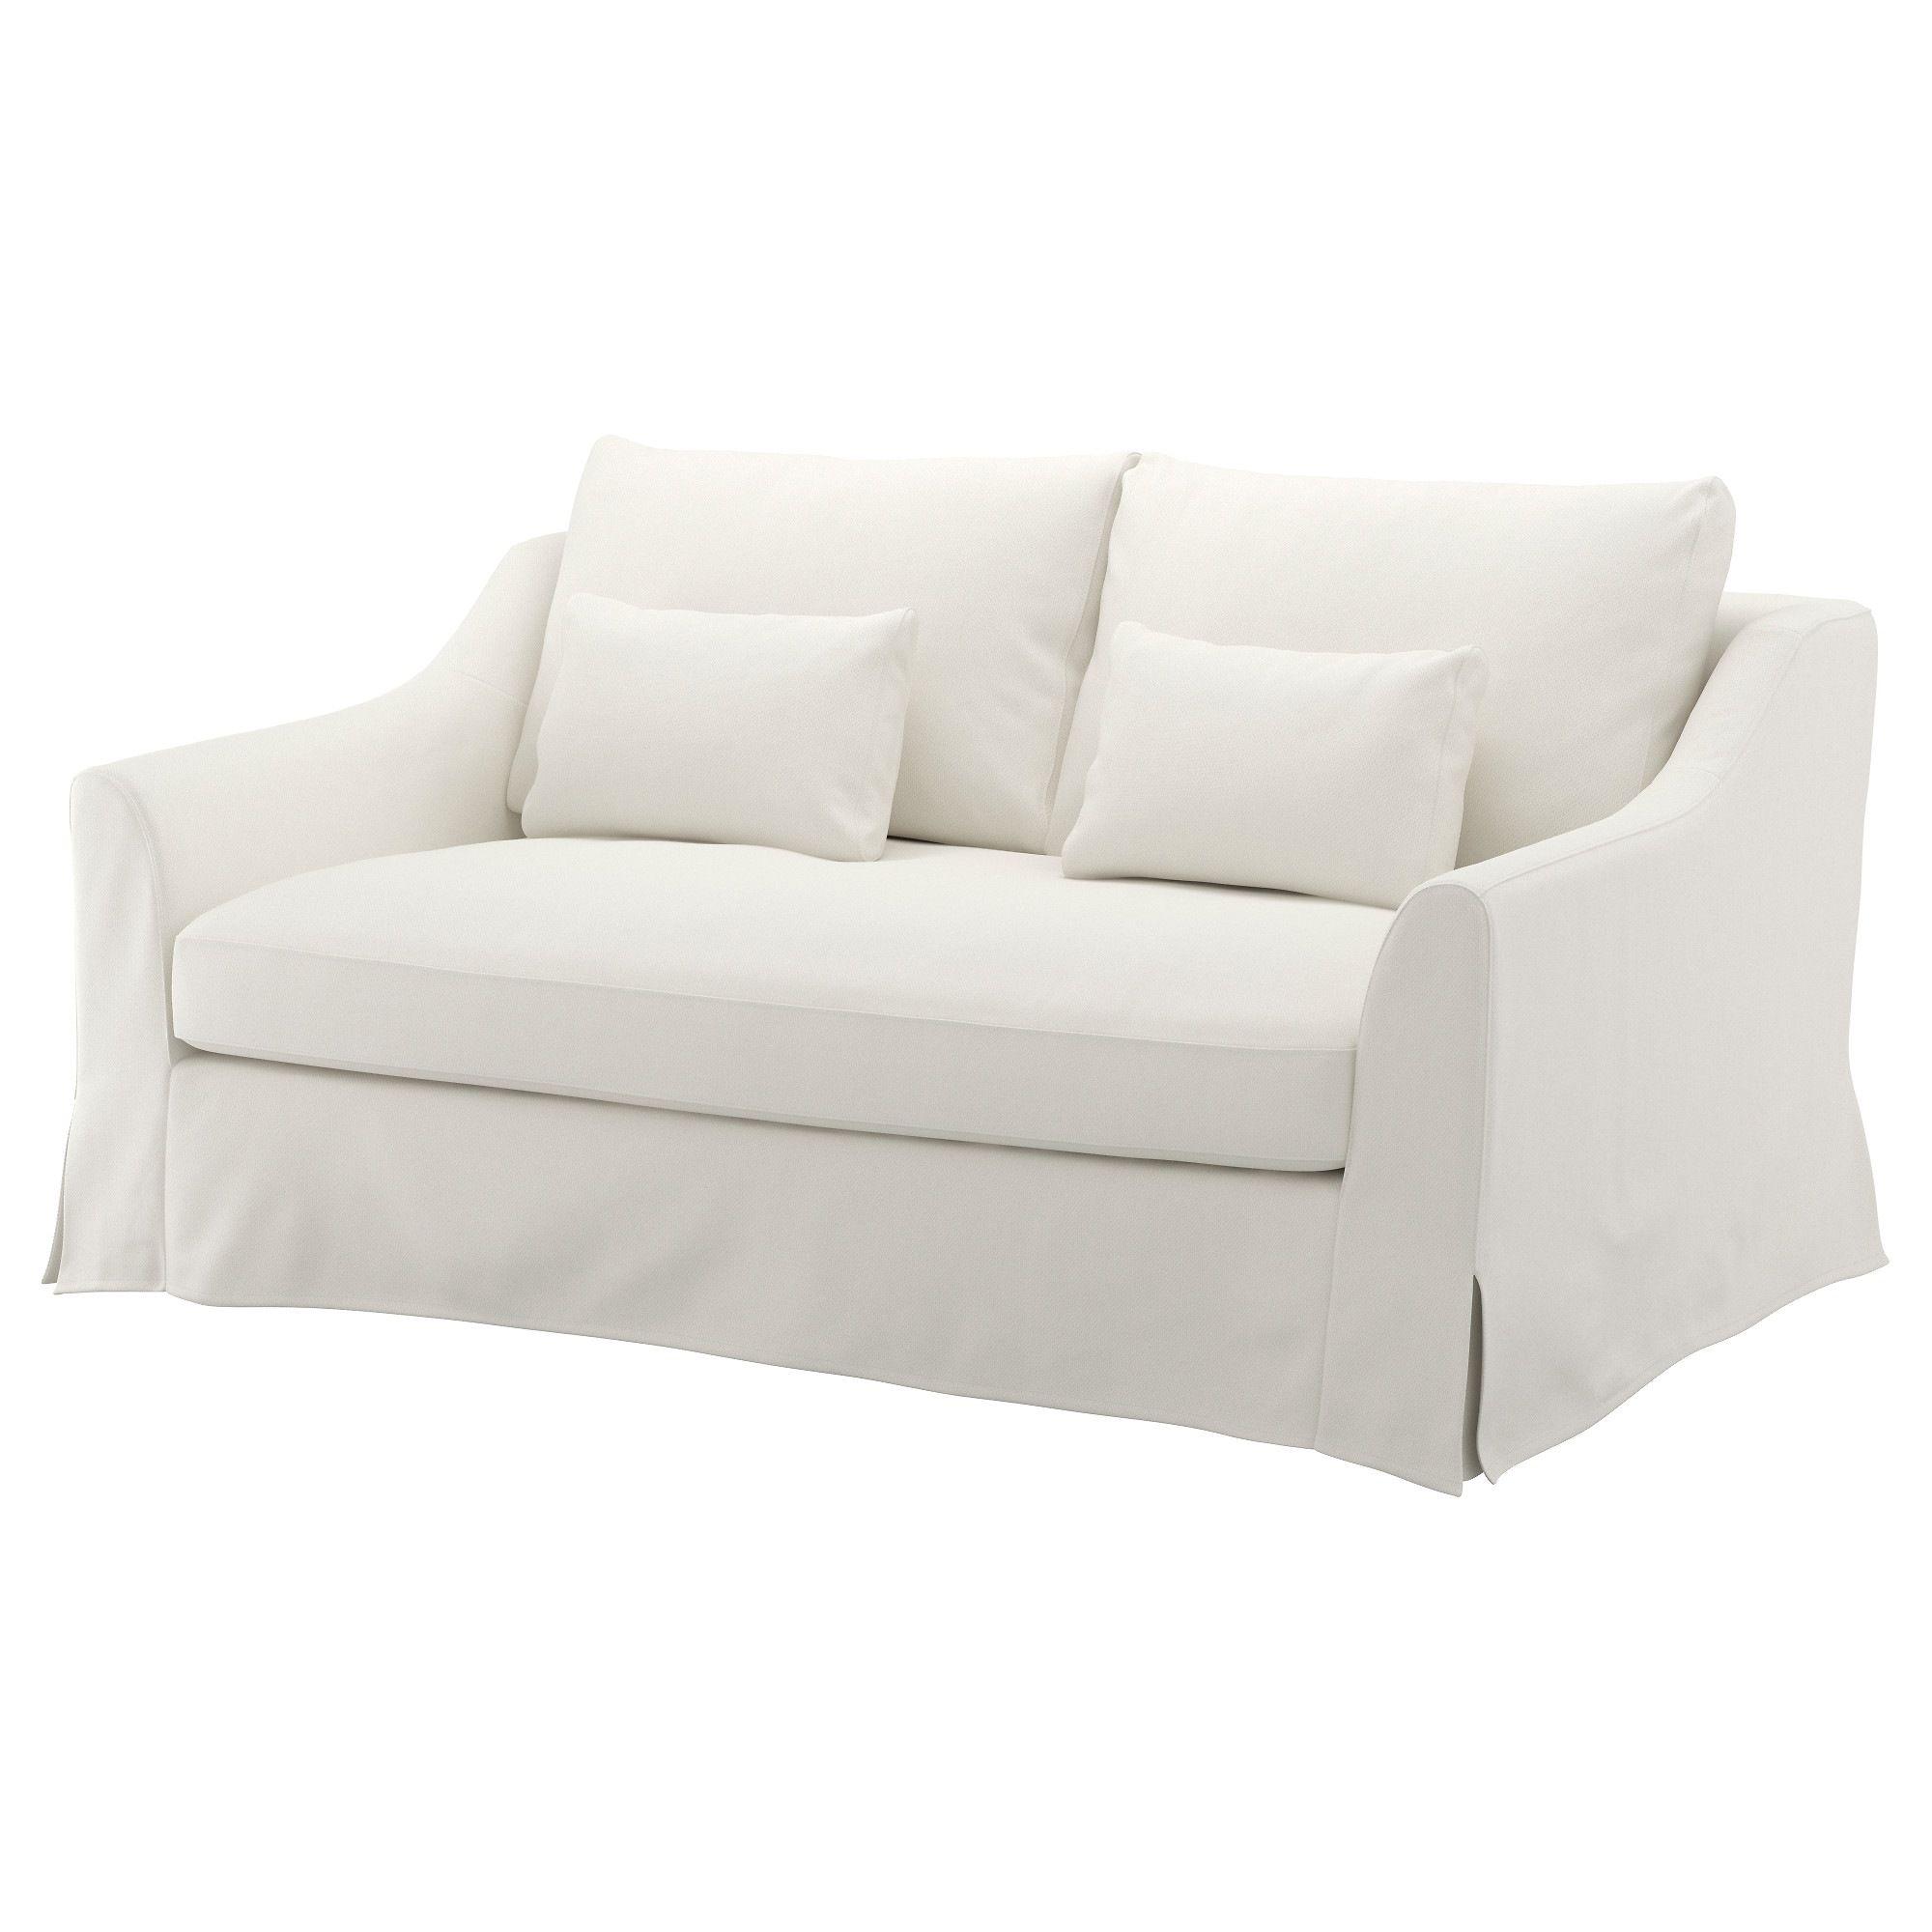 Super Farlov Loveseat Flodafors White In 2019 Cottage Machost Co Dining Chair Design Ideas Machostcouk